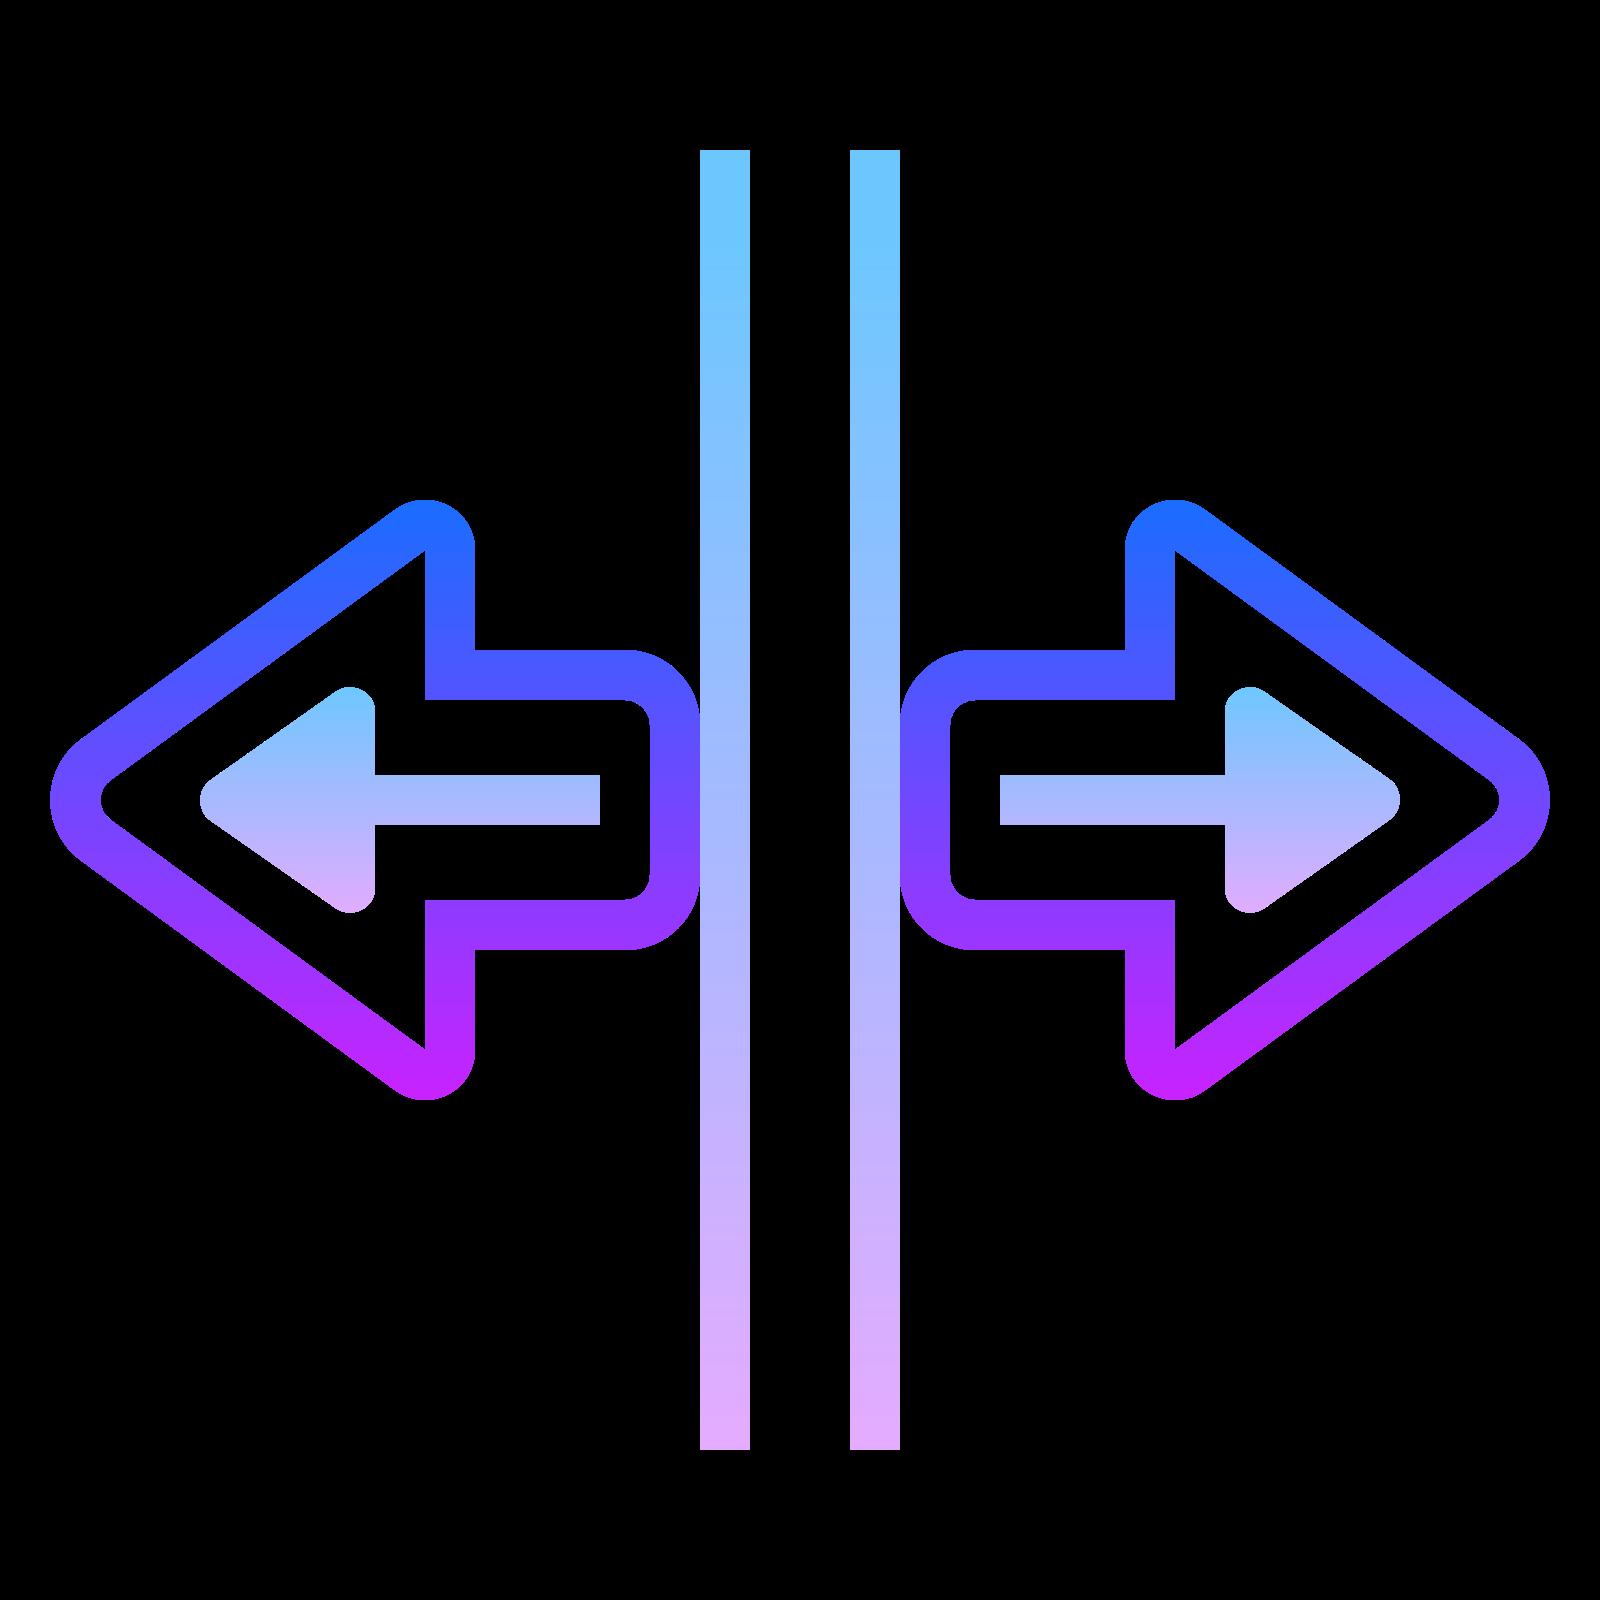 スプリット水平 icon. There is two vertical lines of equal length. At the middle point of each vertical line is a horizontal line with an arrow head at the end going opposite directions.